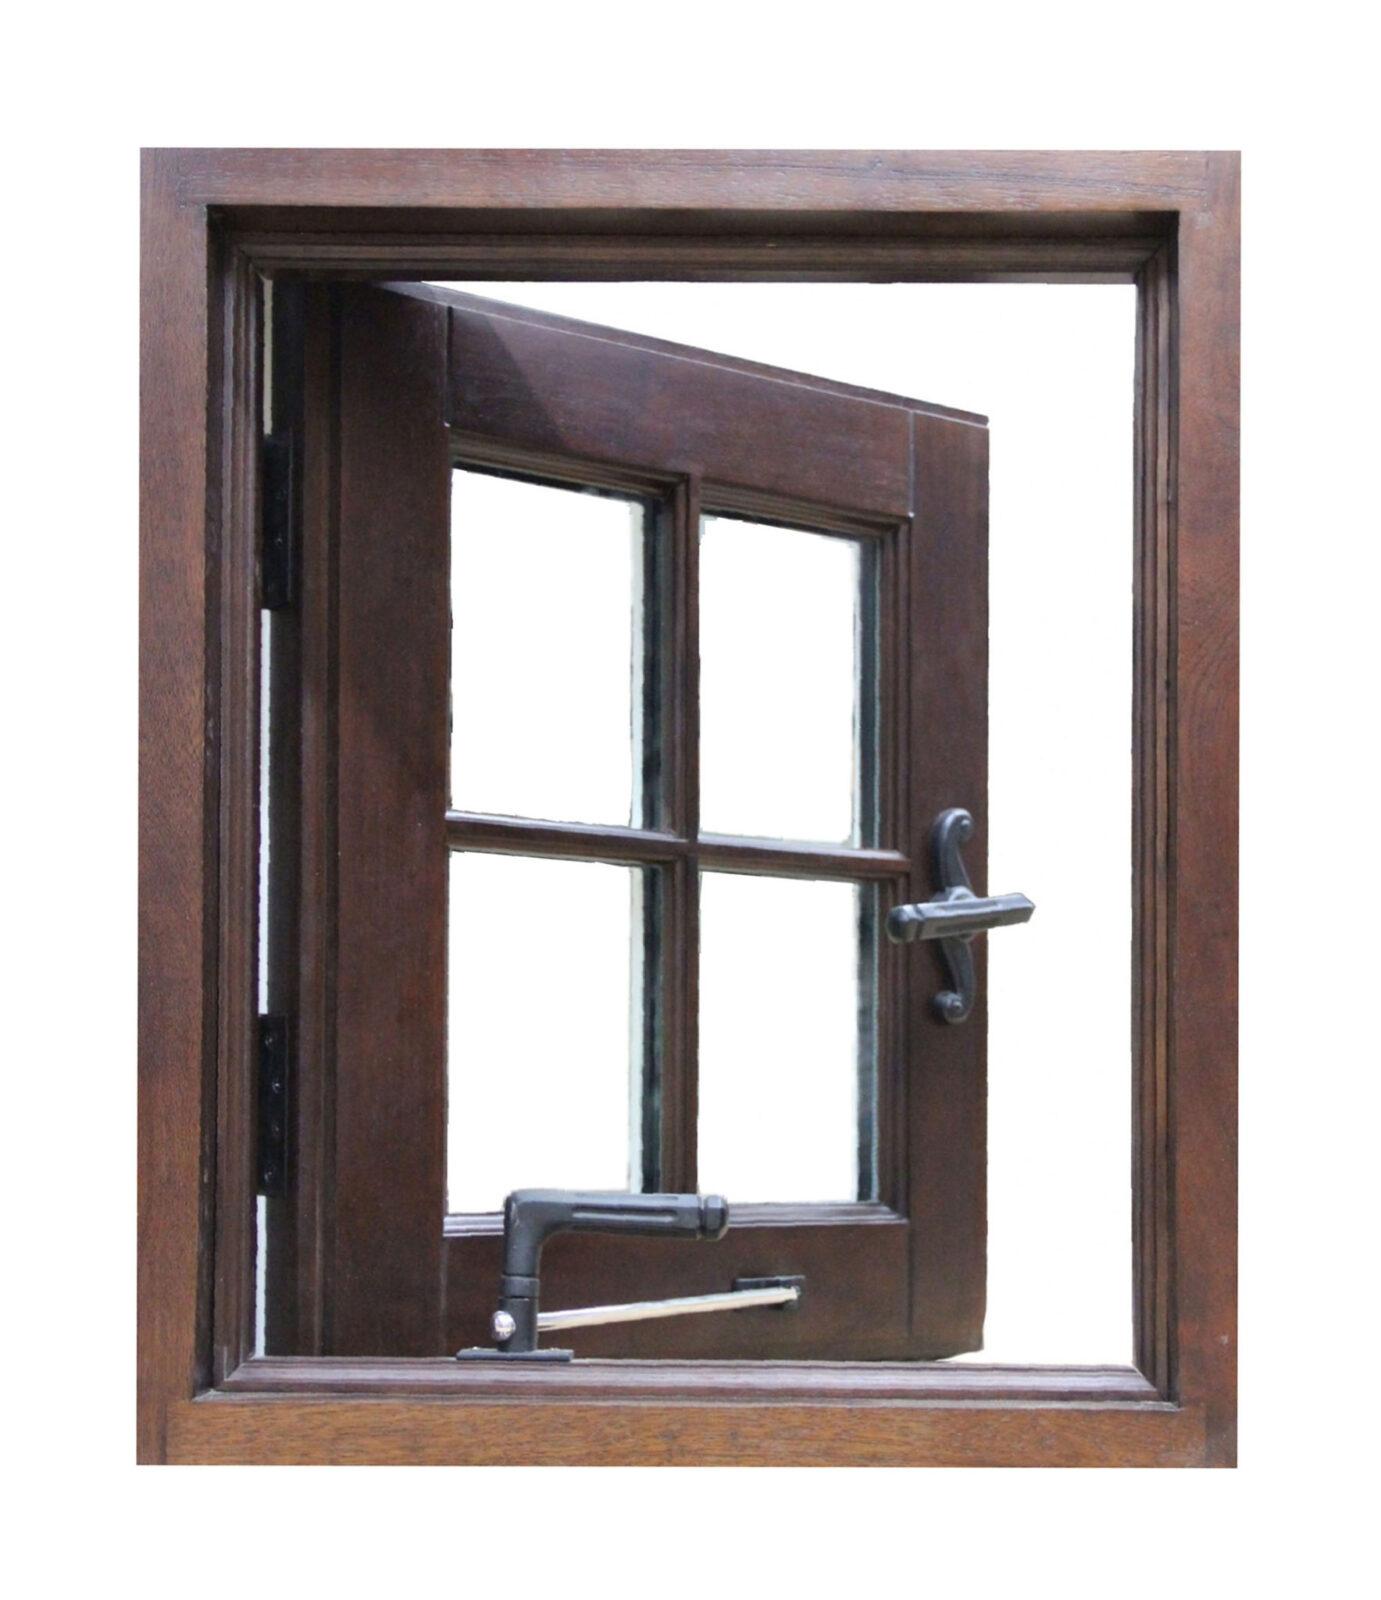 BRIDGEHAMPTON SINGLE CASEMENT WINDOW